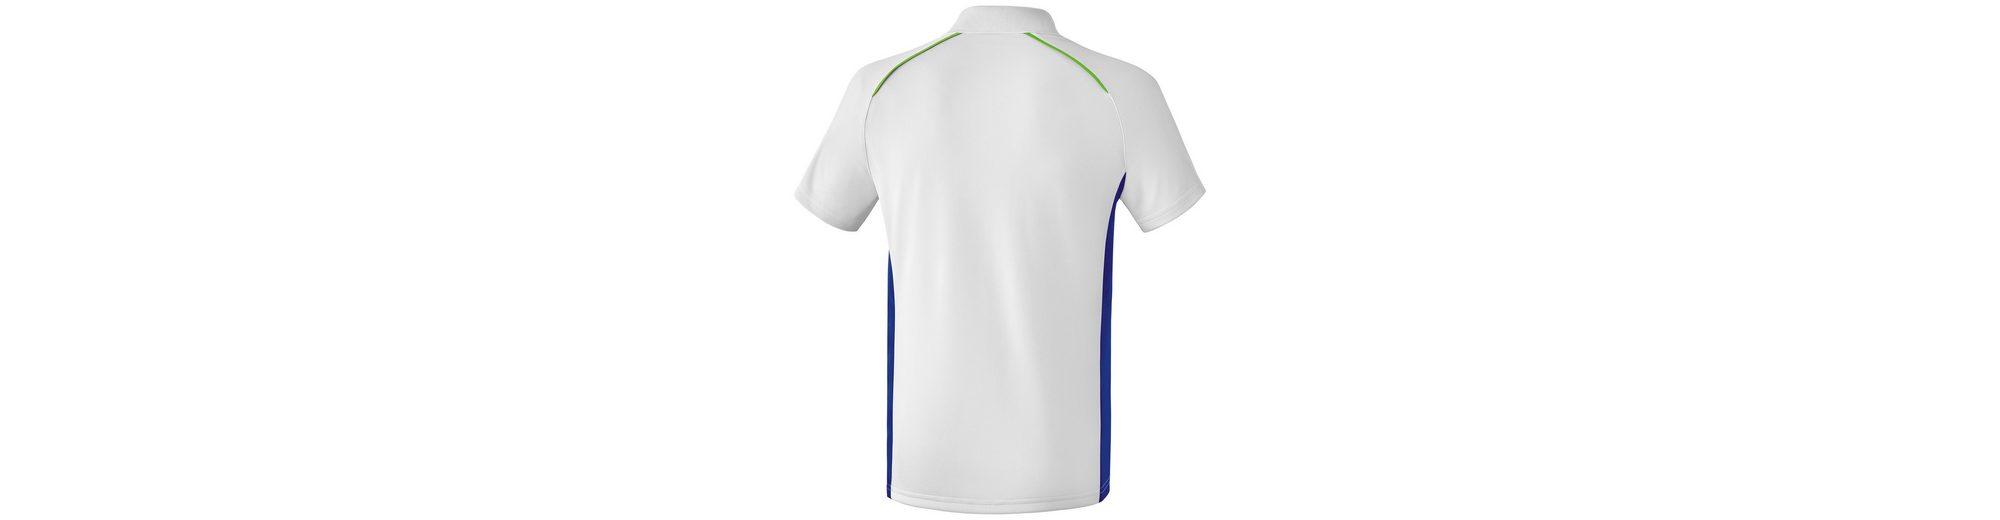 ERIMA Masters Poloshirt Herren Günstig Kaufen Neuesten Kollektionen Finish Online Ebay Zum Verkauf RFuVIVqe